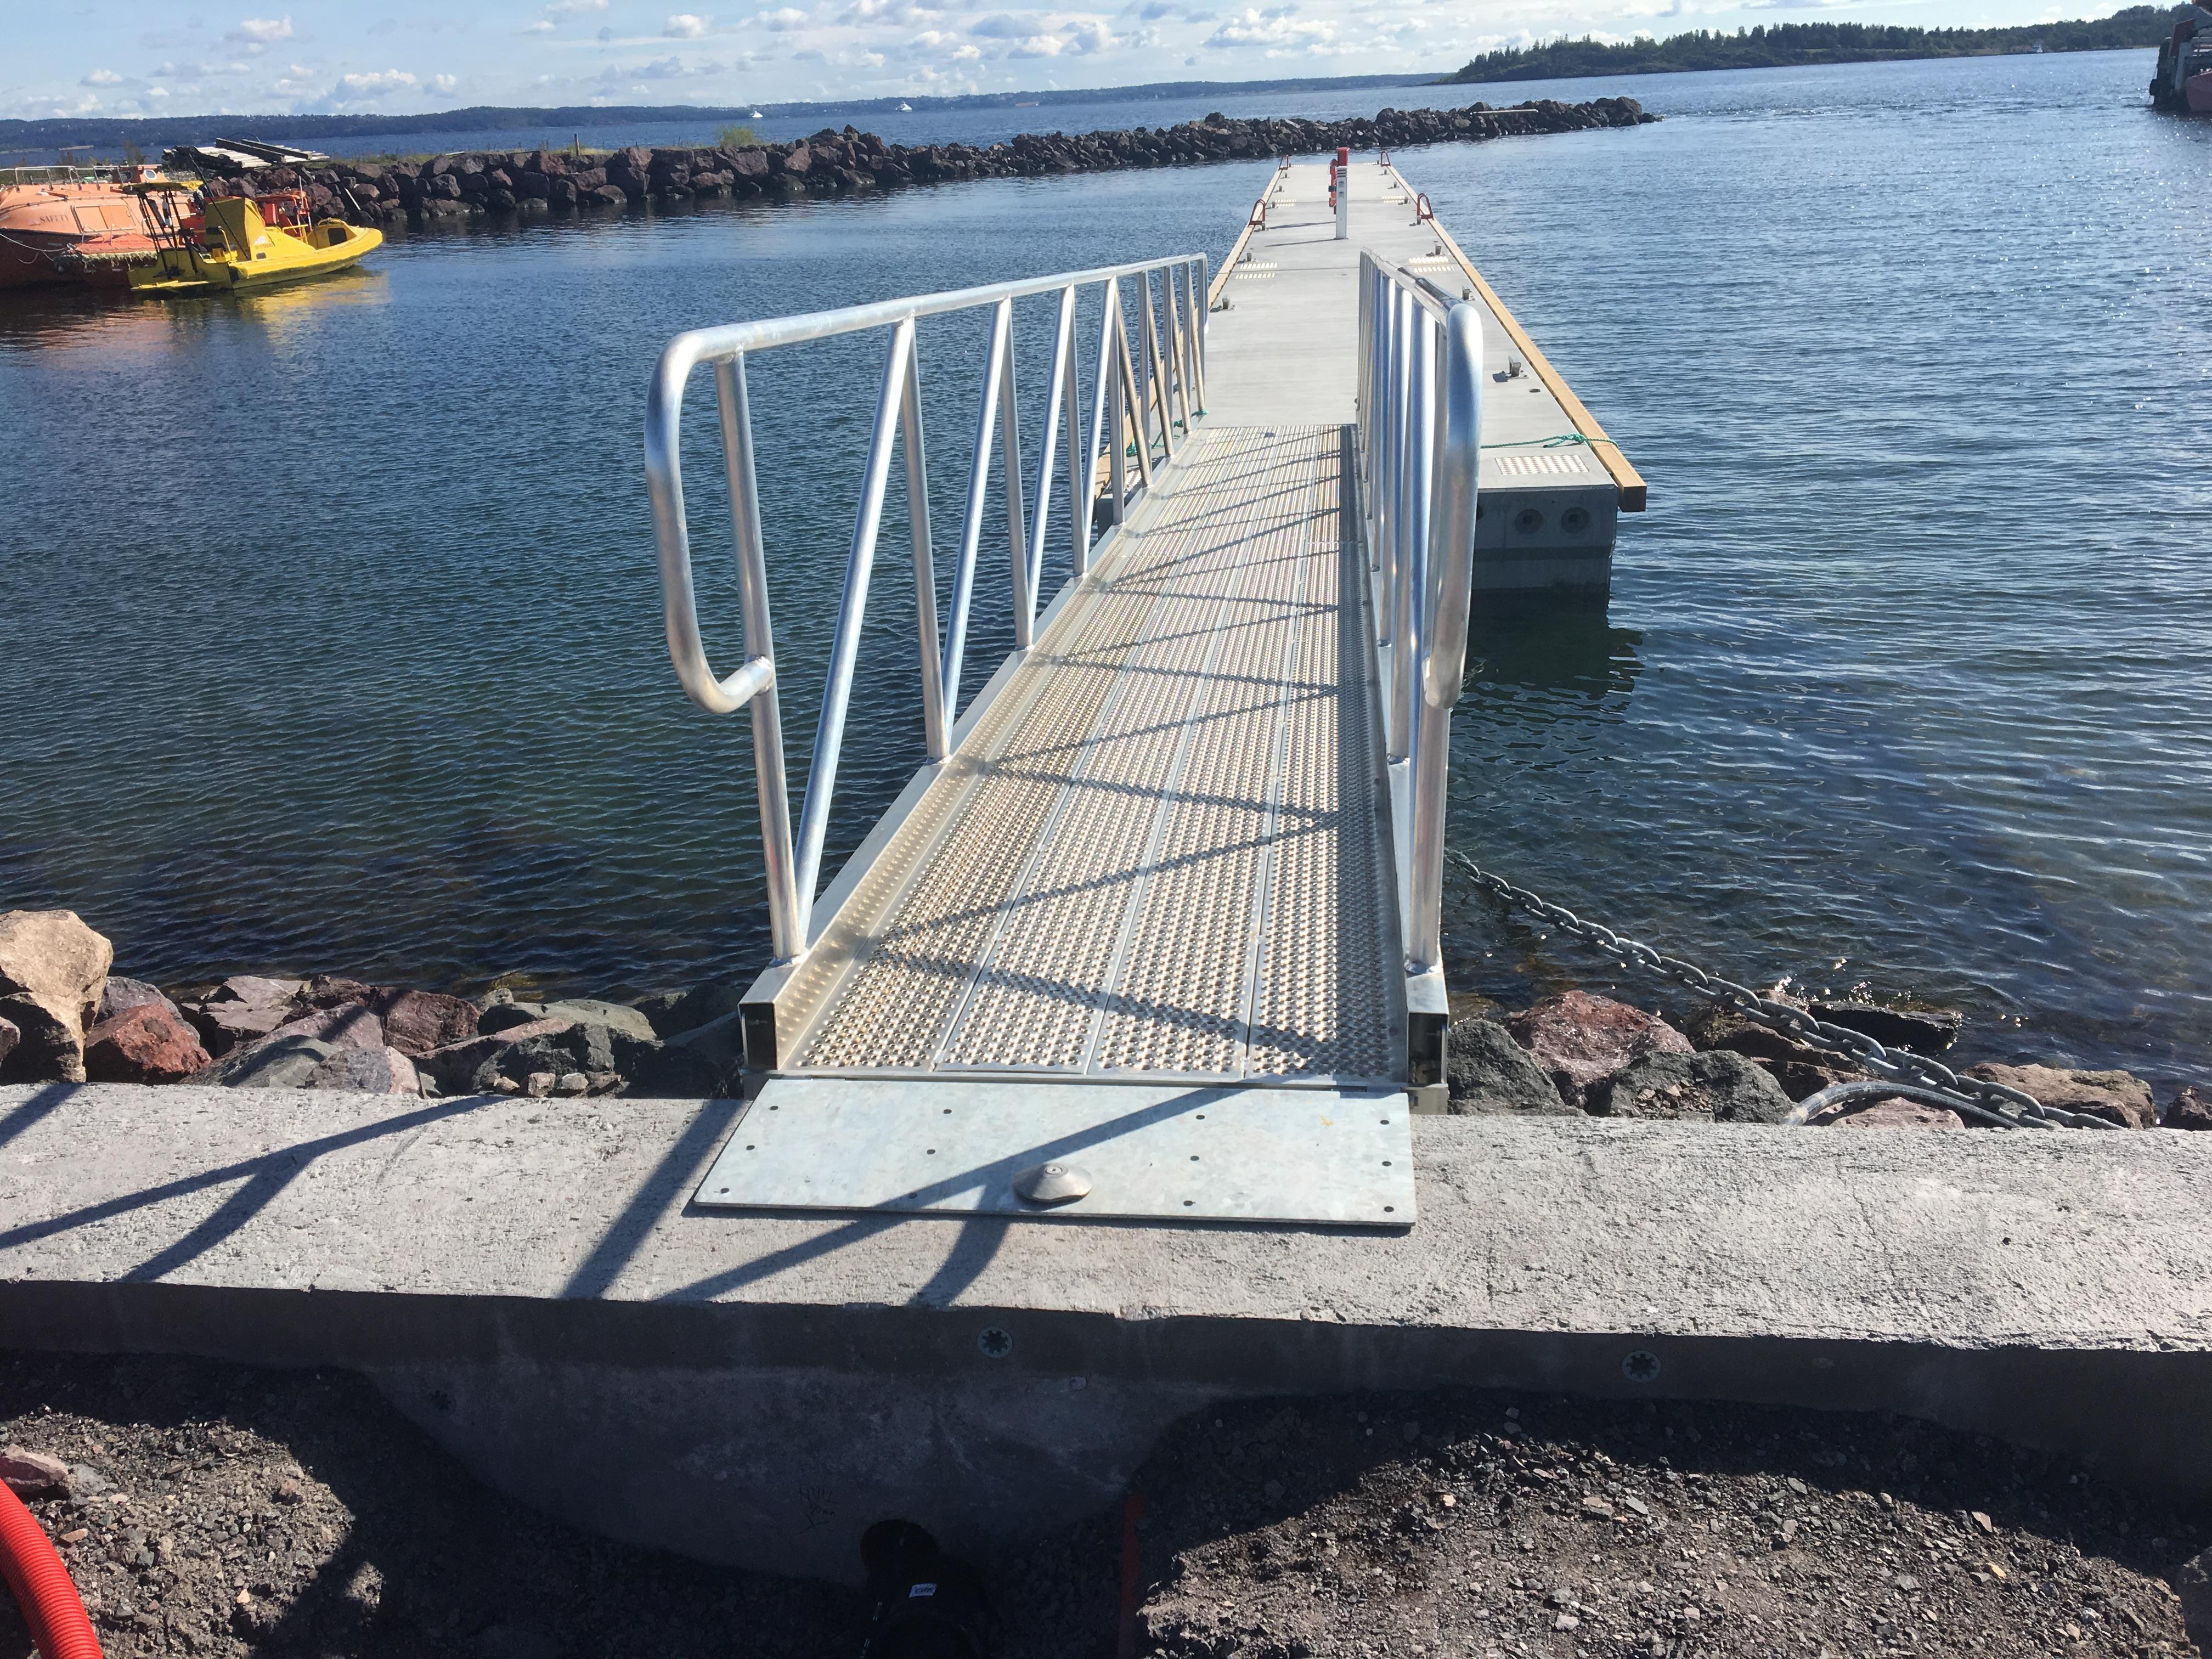 https://www.marinasolutions.no/uploads/Horten-Innk.-Bilde-av-landgang-og.JPG